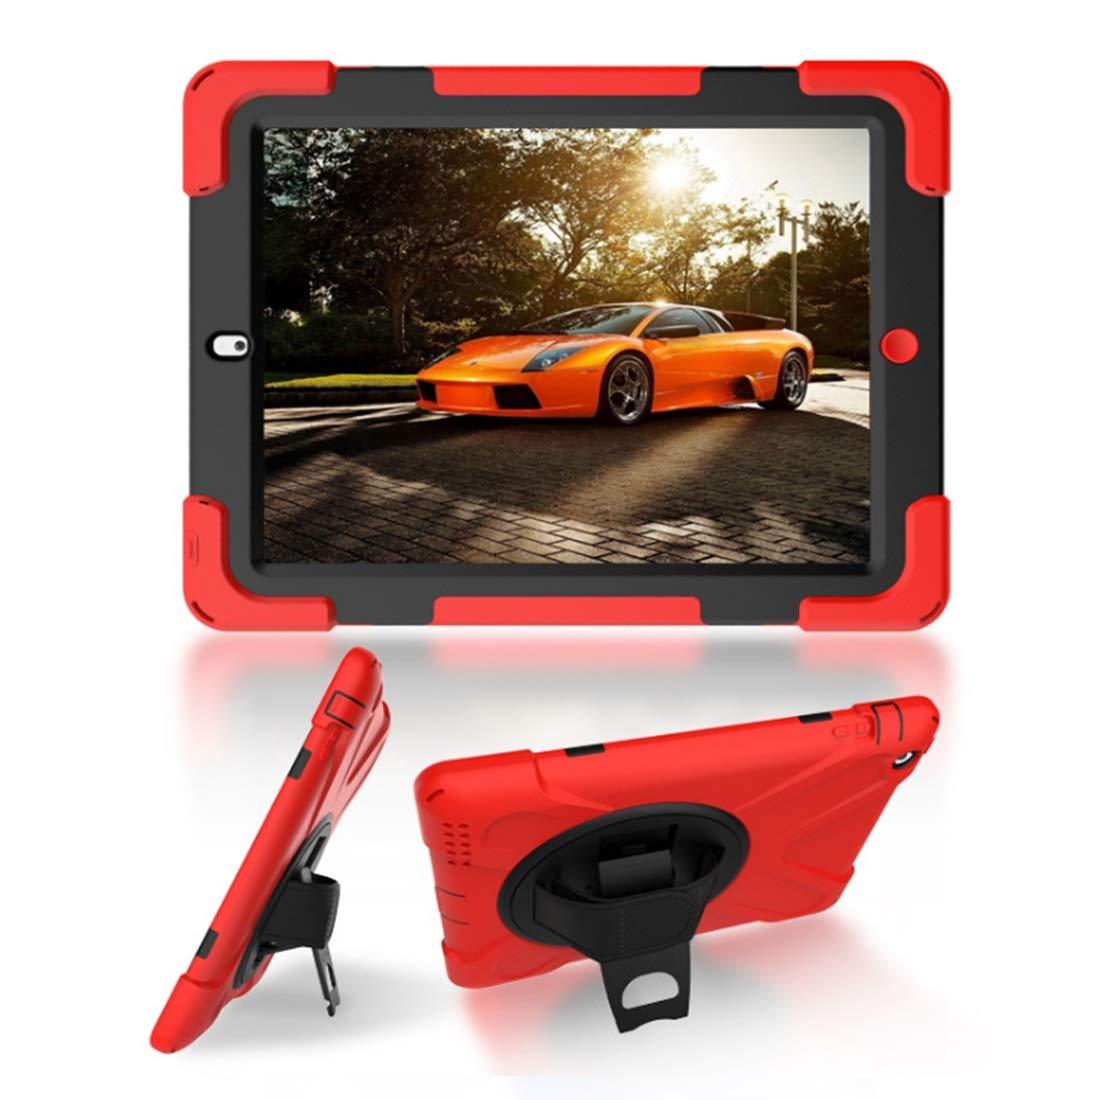 お気にいる KRPENRIO 高耐久 フルボディ B07L8BRZZR 頑丈 フルボディ 保護ケース 内蔵スクリーンプロテクター& iPad 2層デザイン Apple iPad 9.7インチ 2017/2018に対応 (カラー:レッド、サイズ:iPad Air2) B07L8BRZZR, BOULE BEAN:379f2034 --- a0267596.xsph.ru